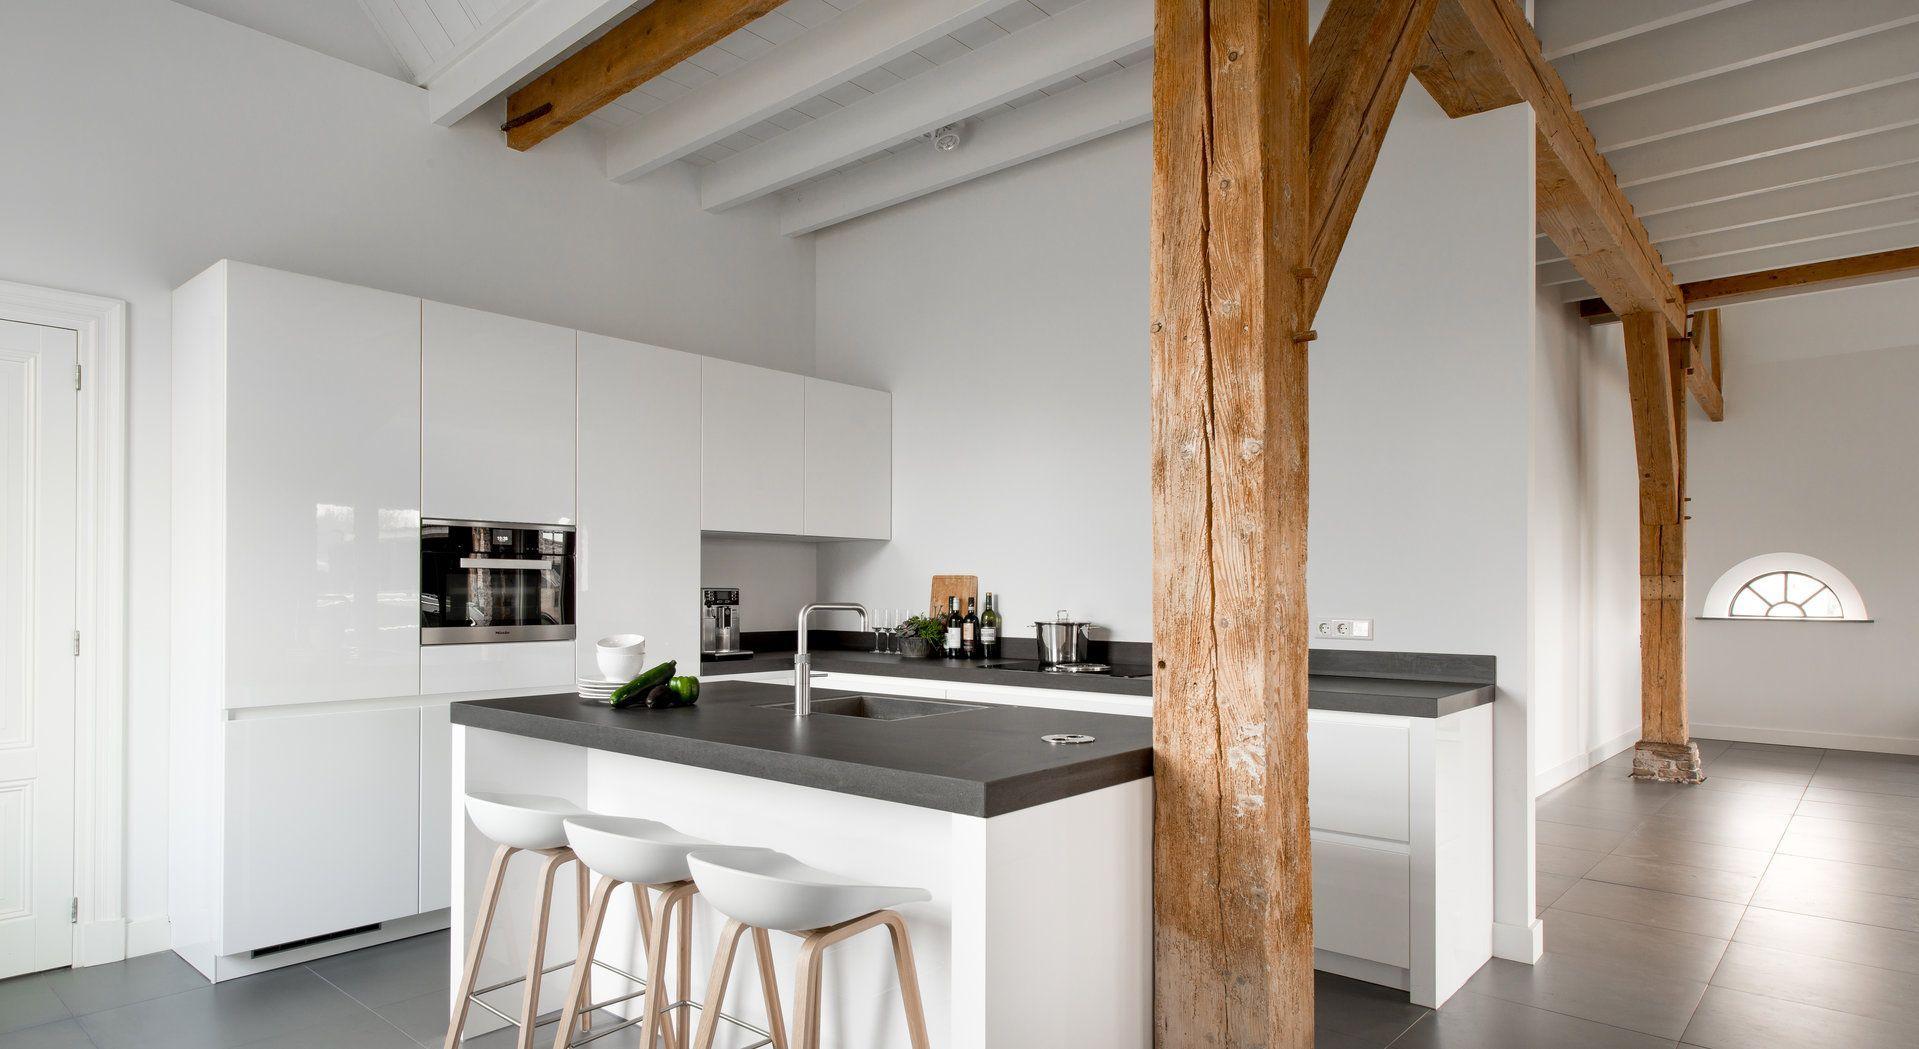 Keuken Badkamer Culemborg : Familie mulder middelkoop culemborg klantervaringen middelkoop